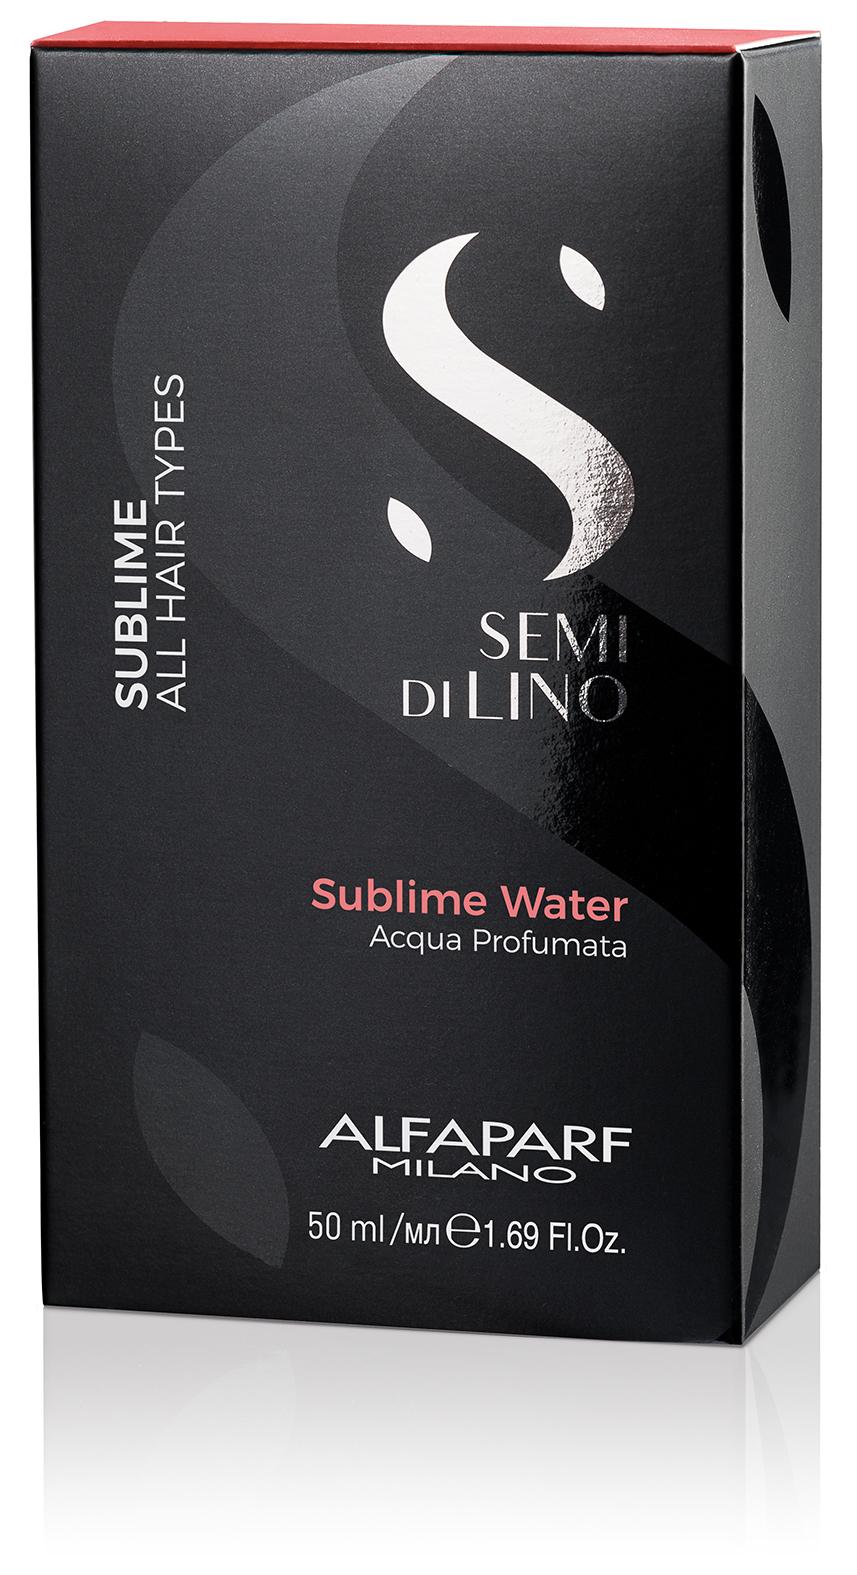 Парфюмированная вода для волос и тела SUBLIME WATER, 50 МЛ ALFAPARF 16895